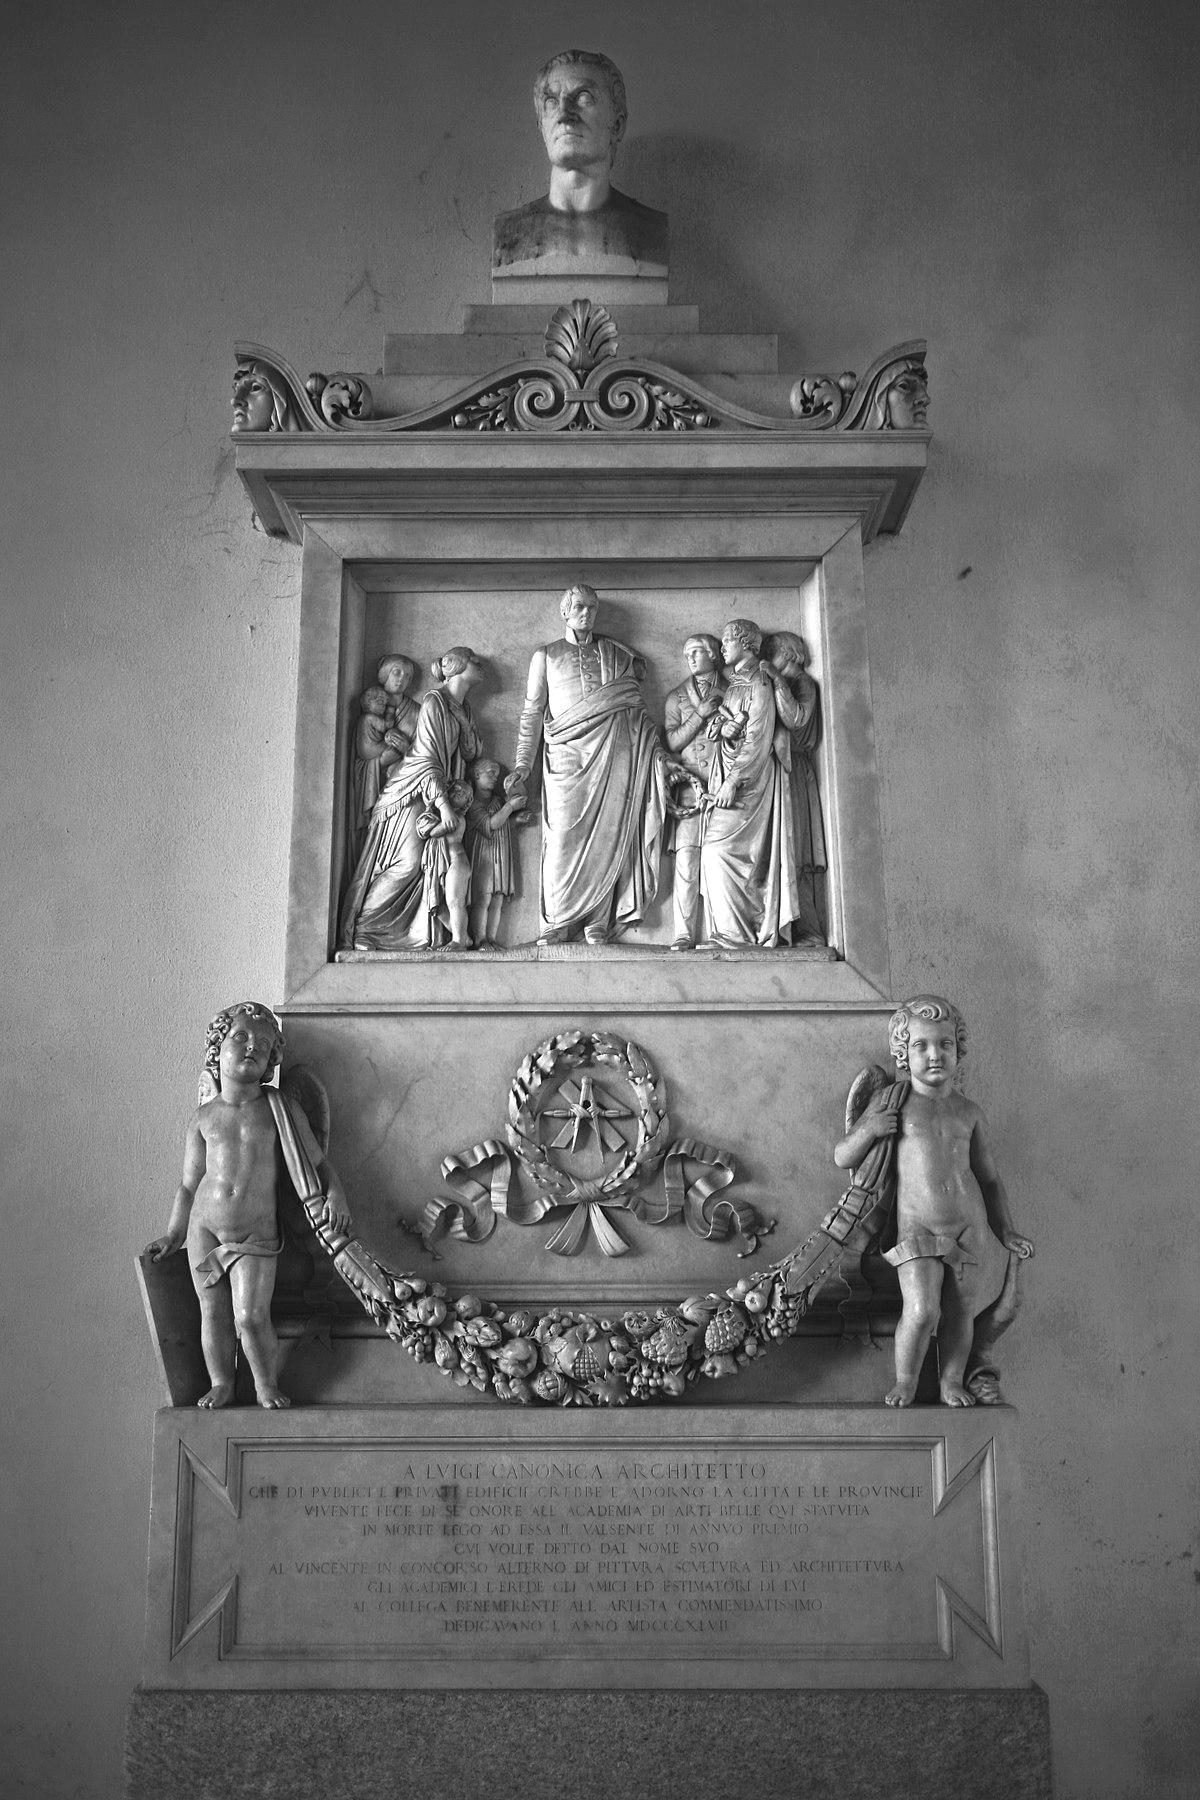 Monumento a luigi canonica wikipedia for Belle arti milano brera